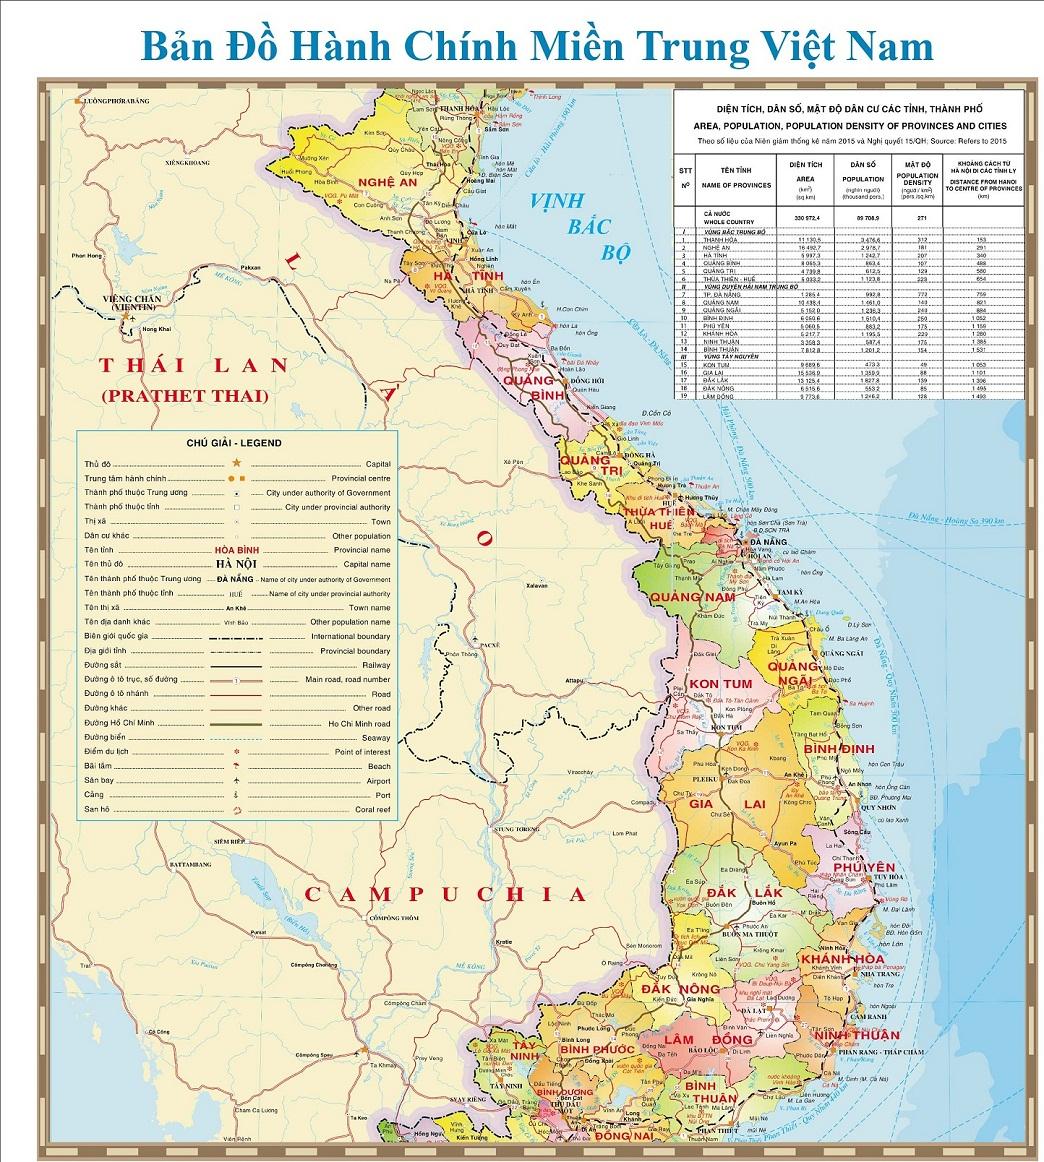 Bản đồ Miền Trung Map Of Central Vietnam